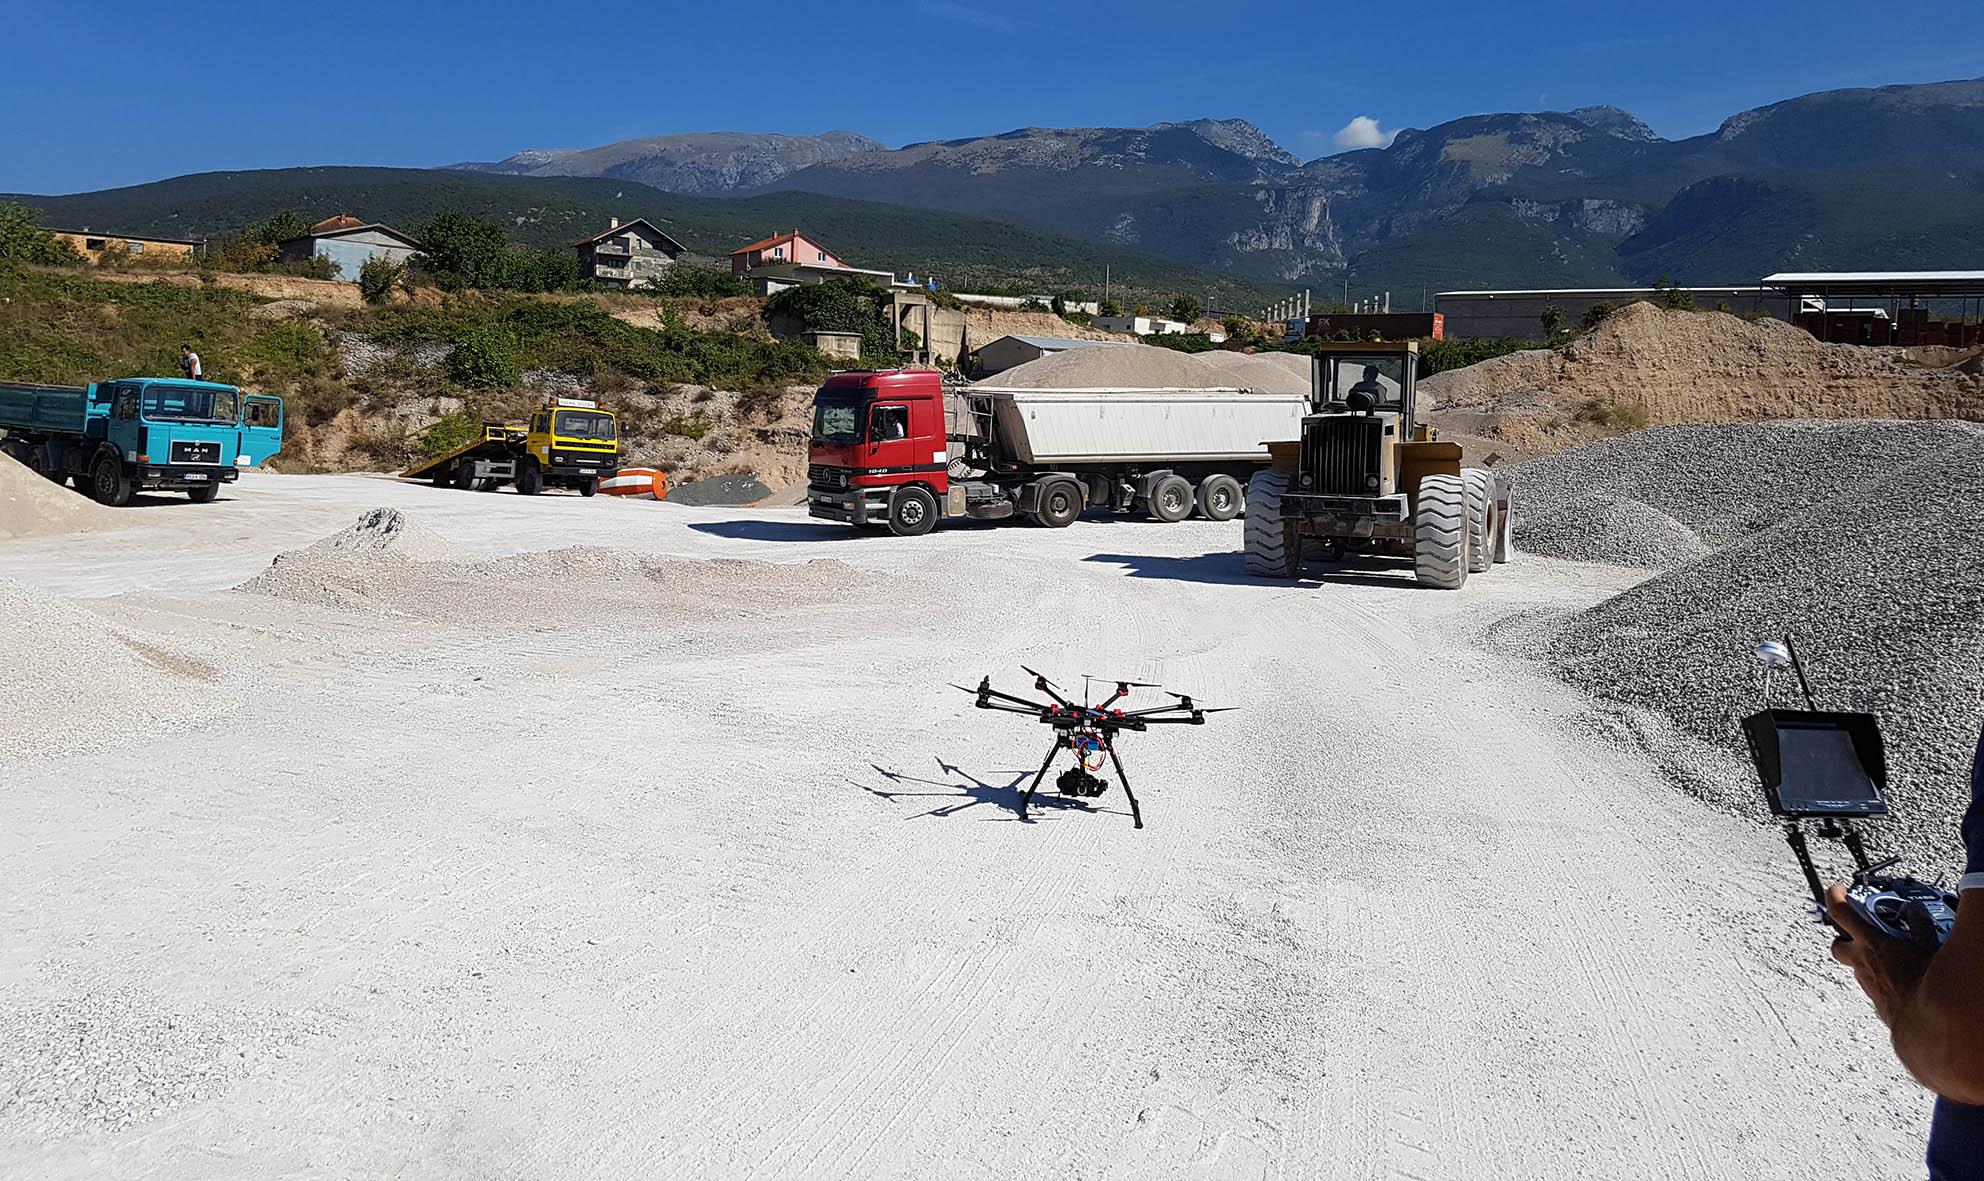 snimanje iz zraka profesionalni dron